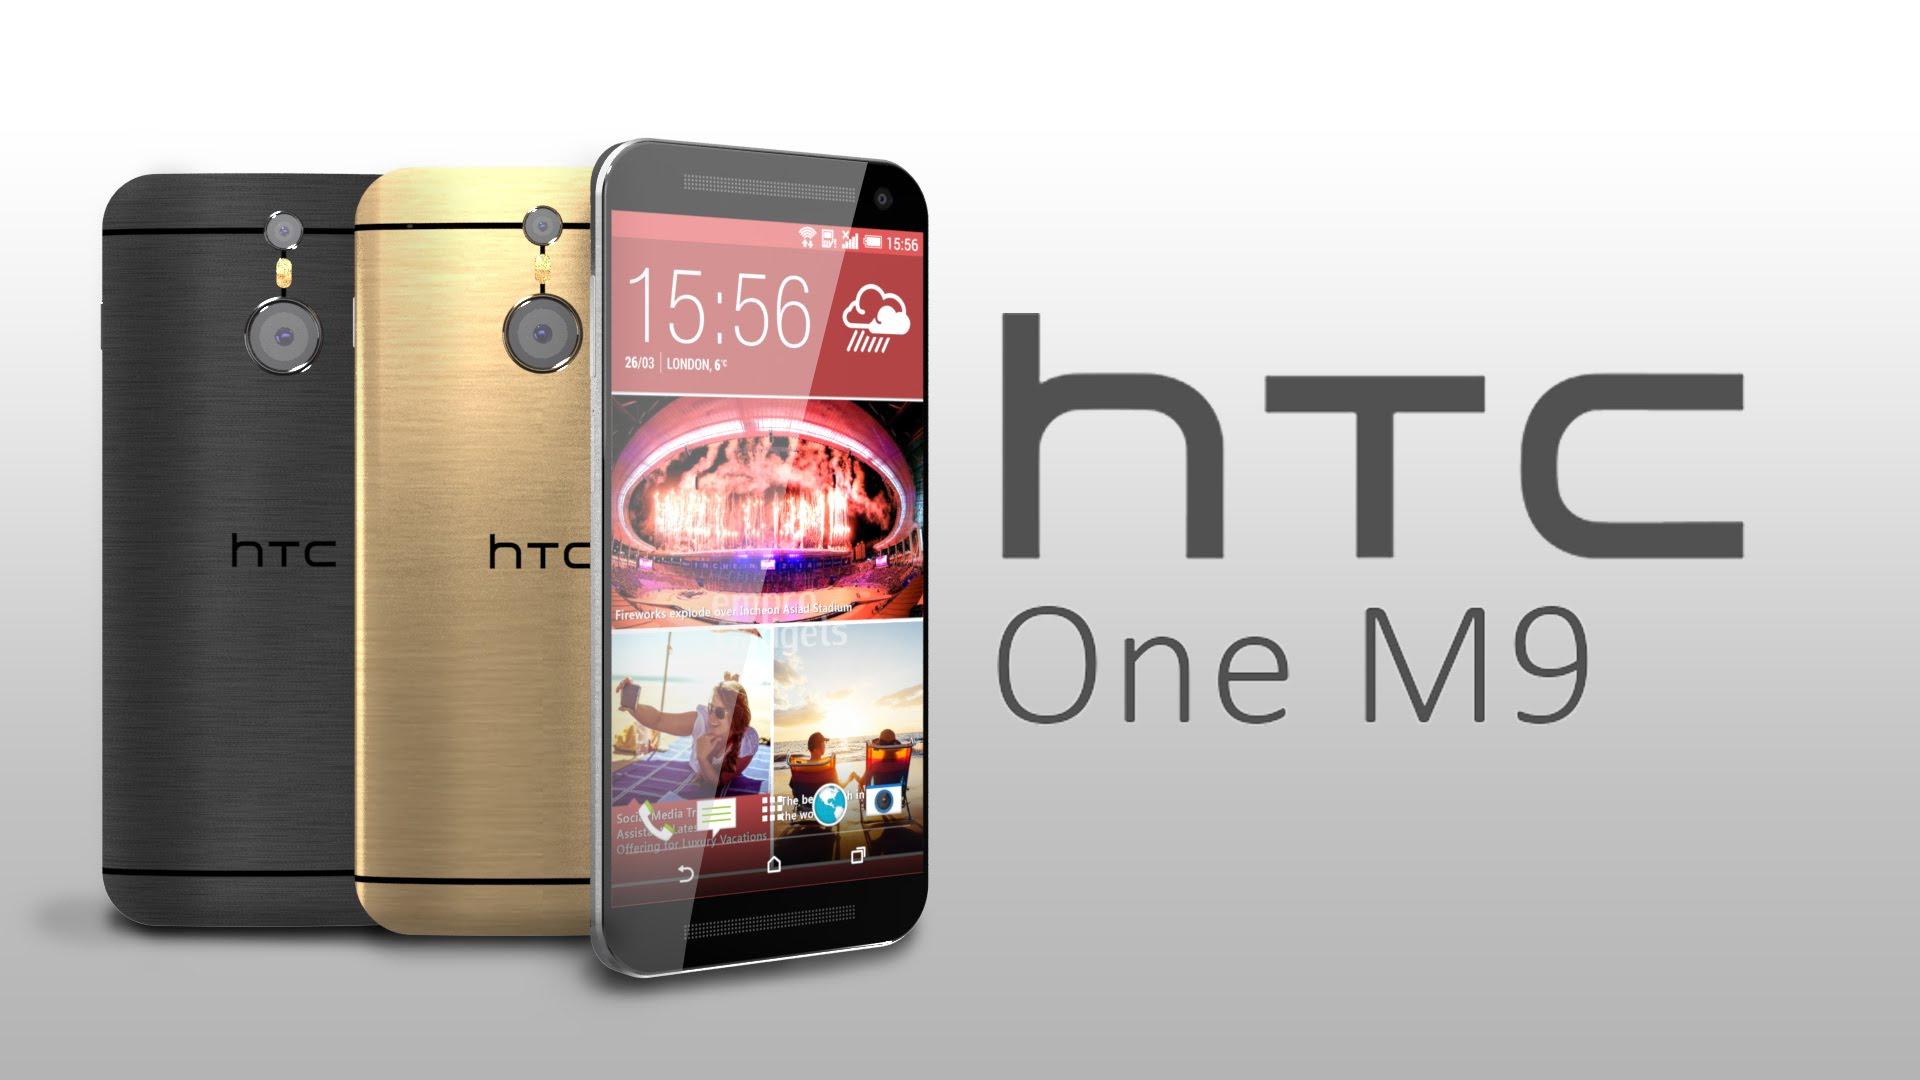 قیمت HTC One M9 اعلام شد